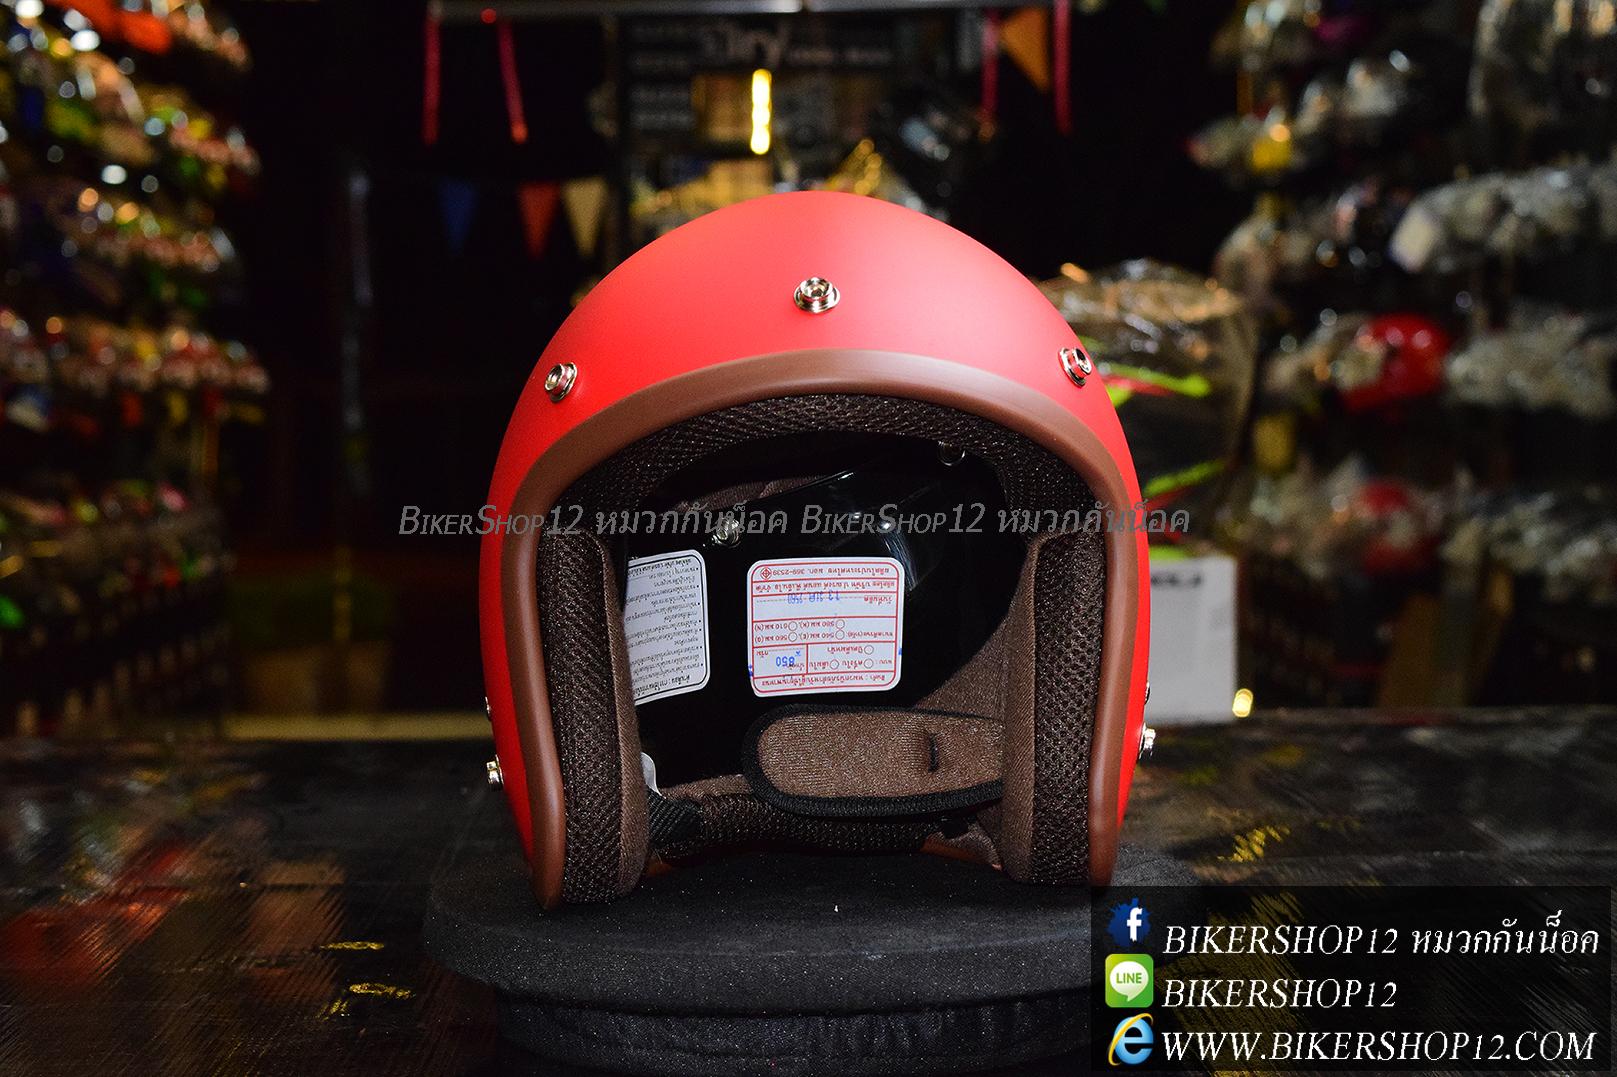 หมวกกันน็อคคลาสสิก 5เป๊กLB+ สีแดงด้าน